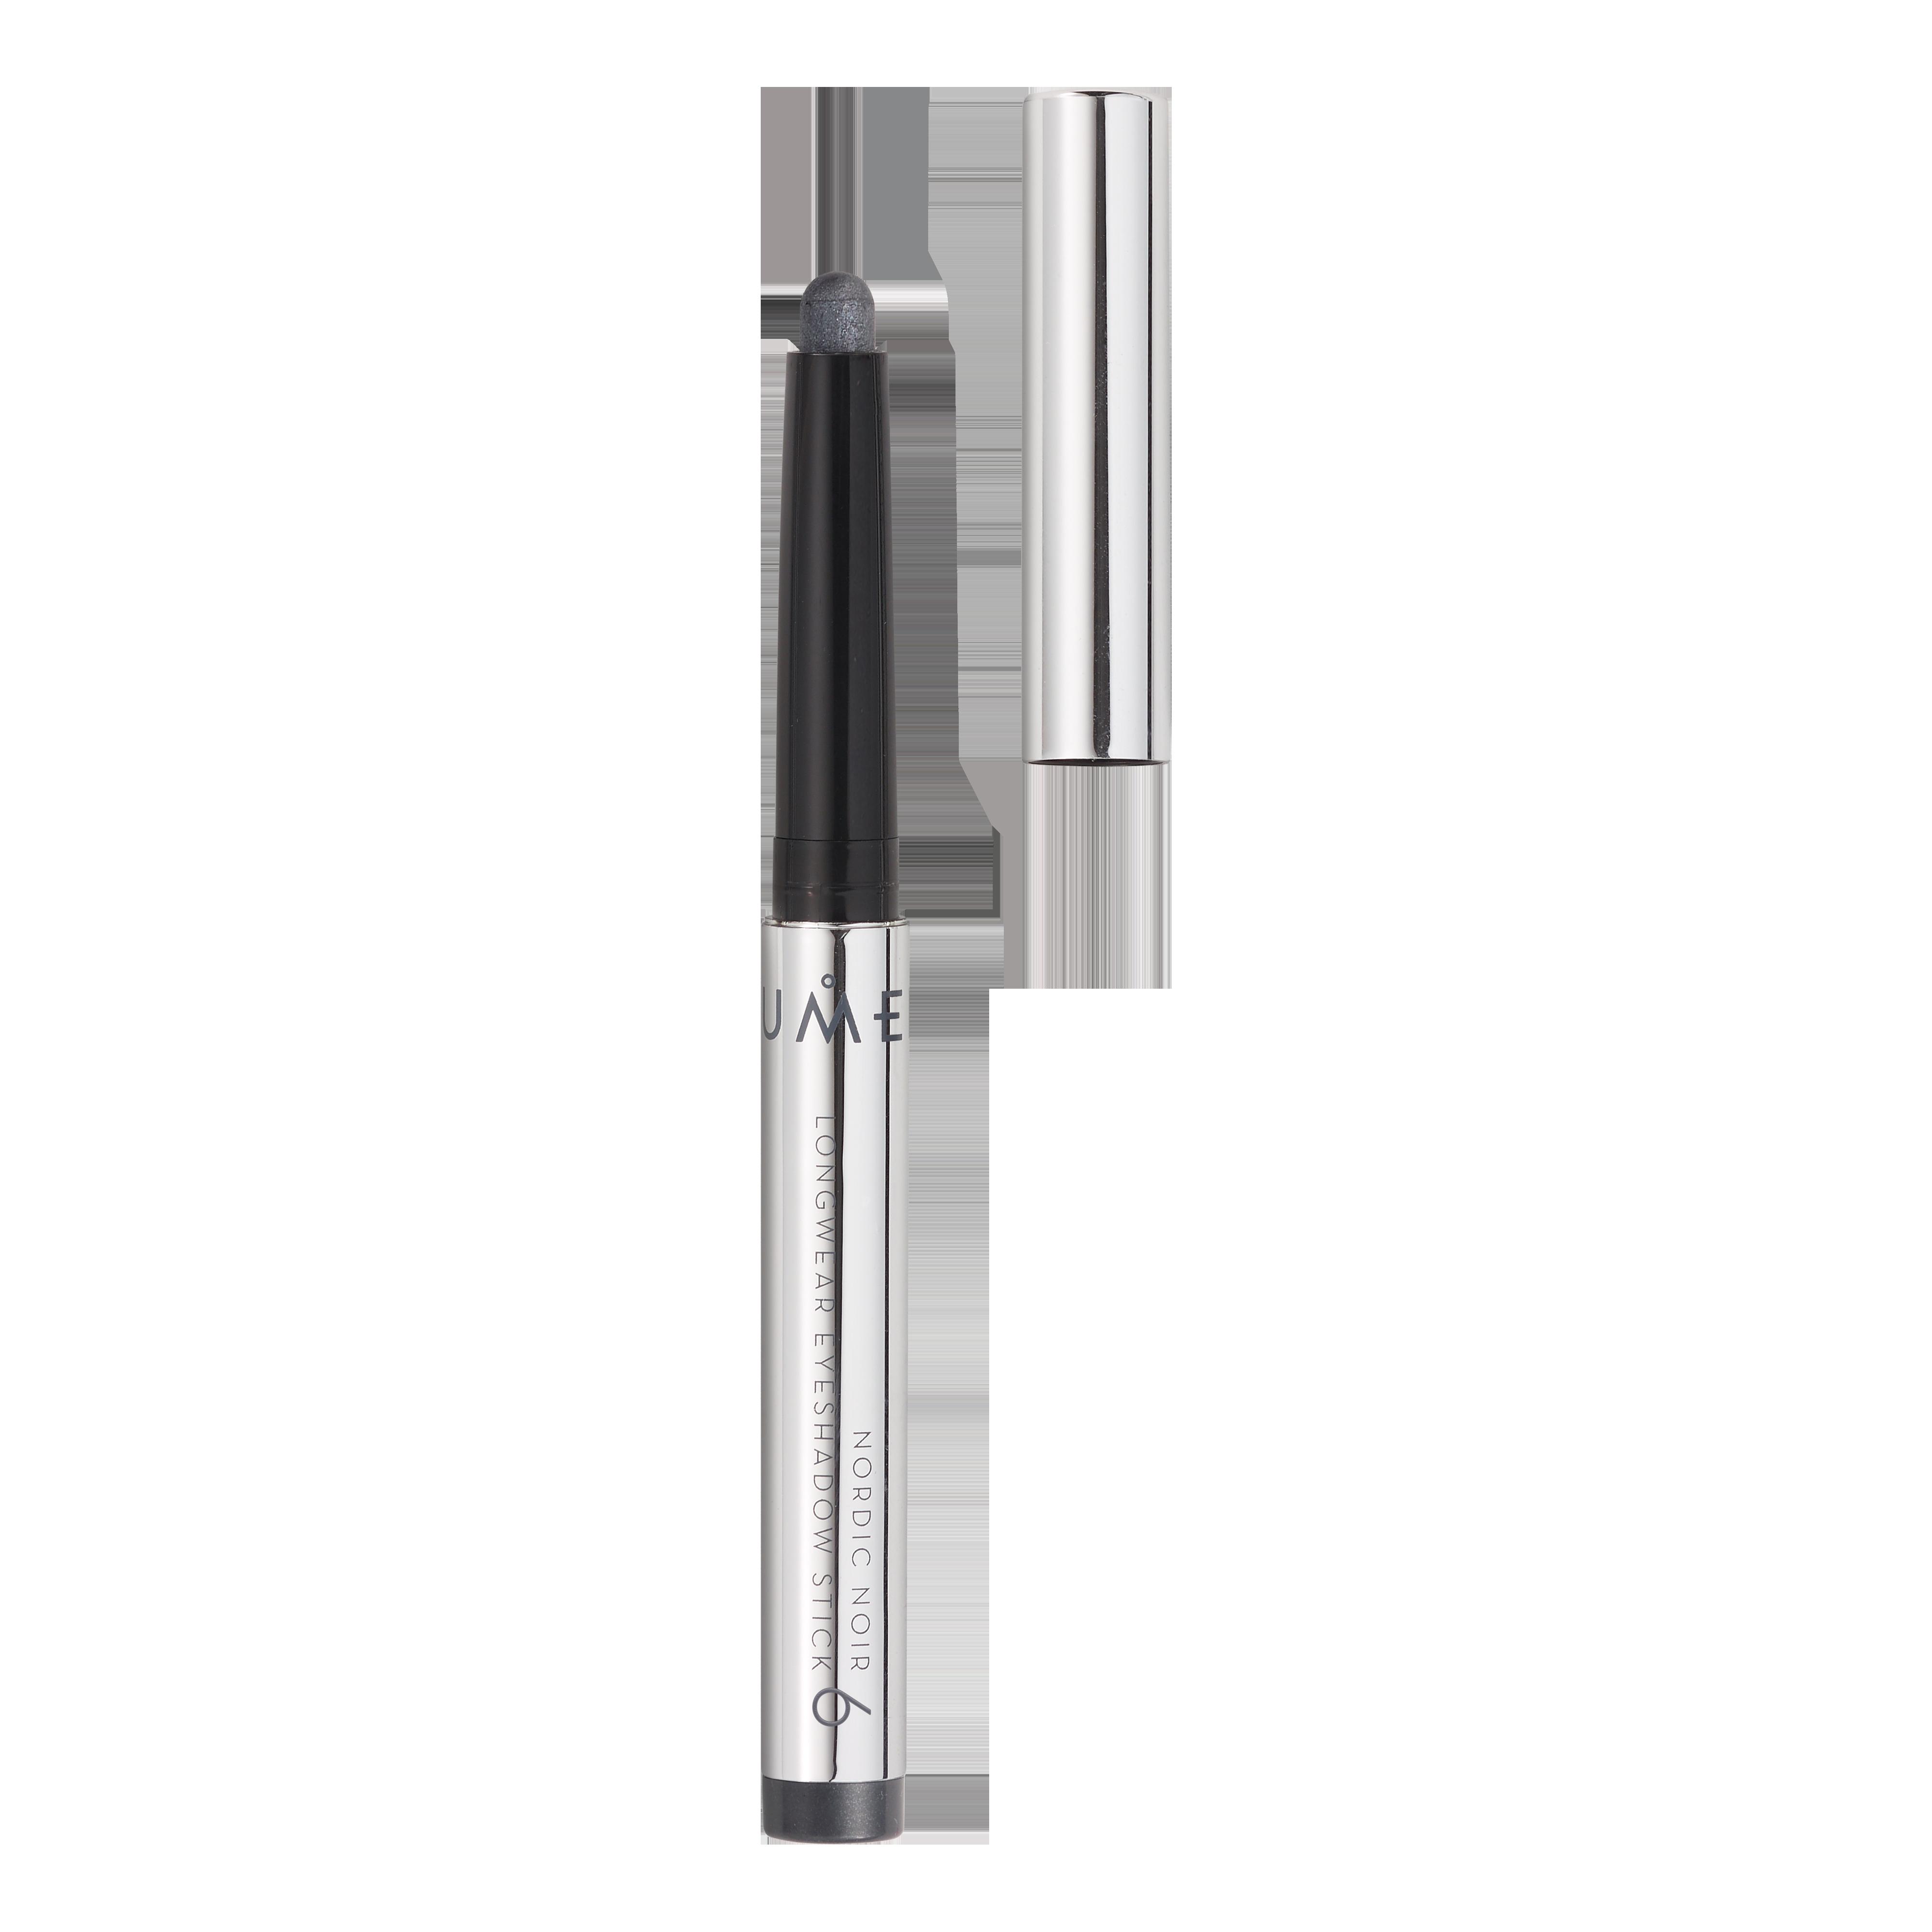 Nordic Noir Longwear Eyeshadow Stick